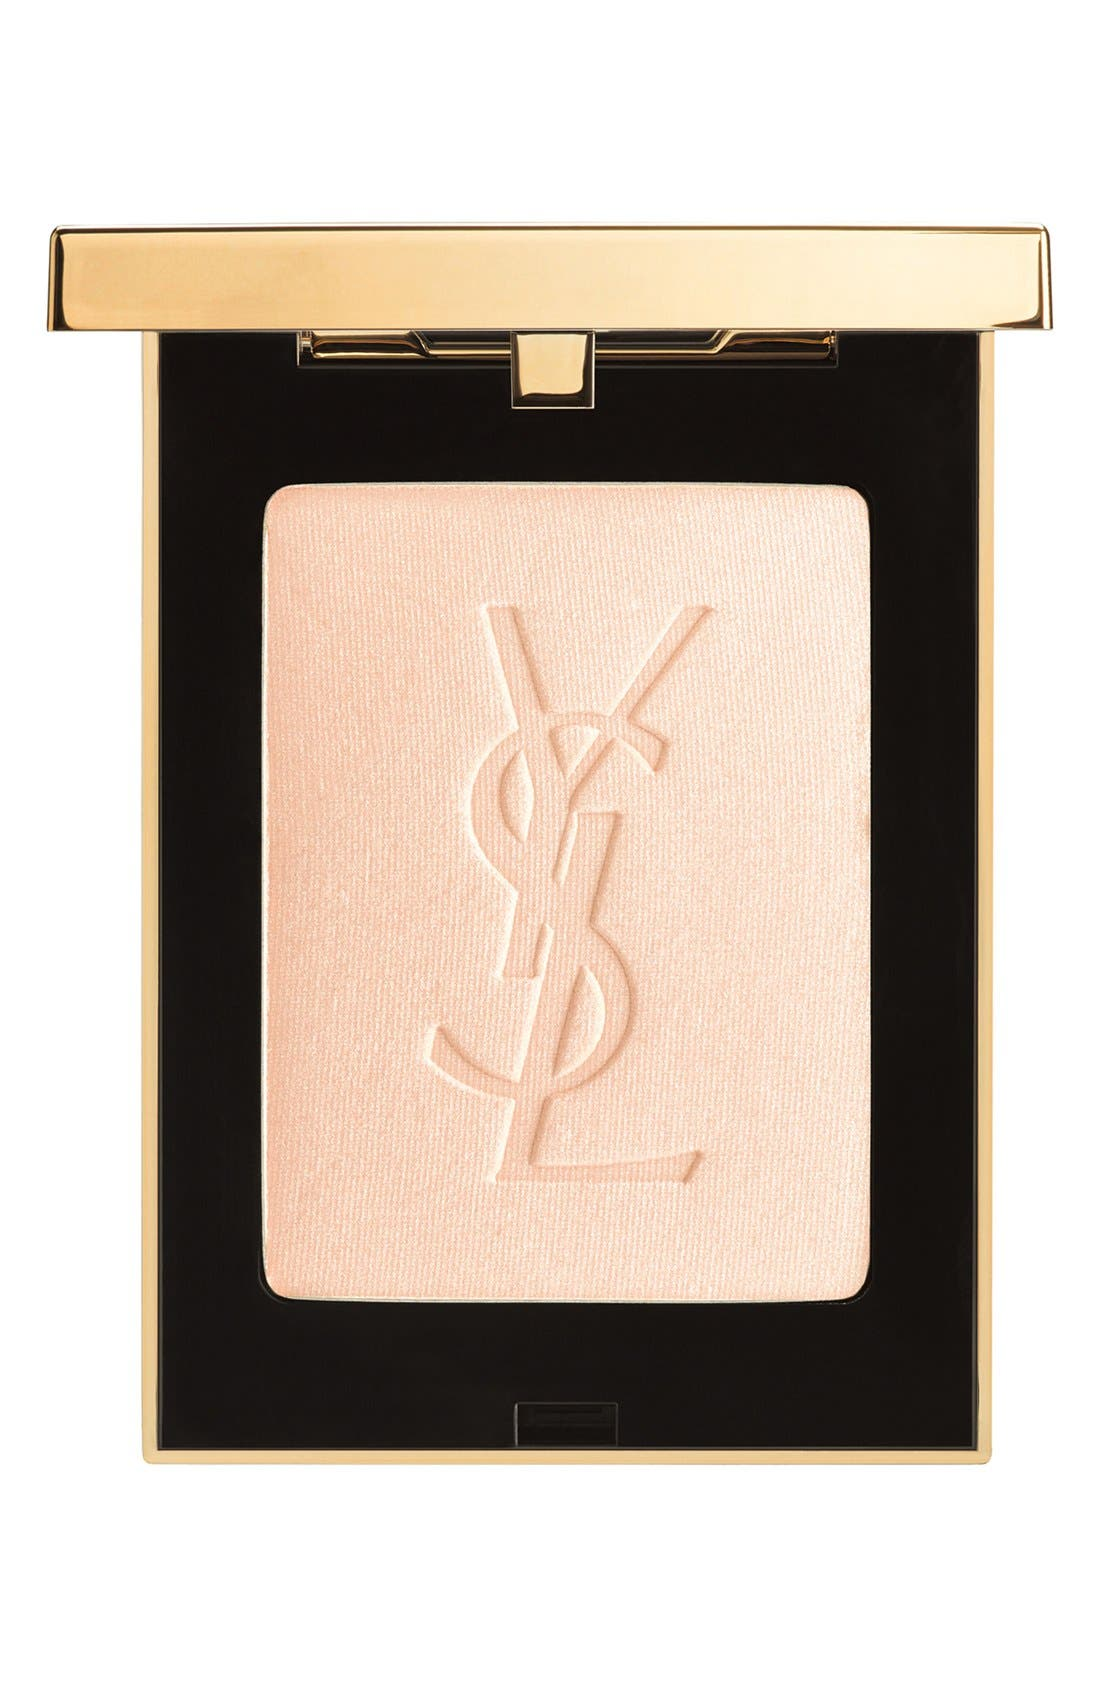 Yves Saint Laurent Sparkle Clash Touche Éclat Lumiere Divine Highlighting Finishing Powder